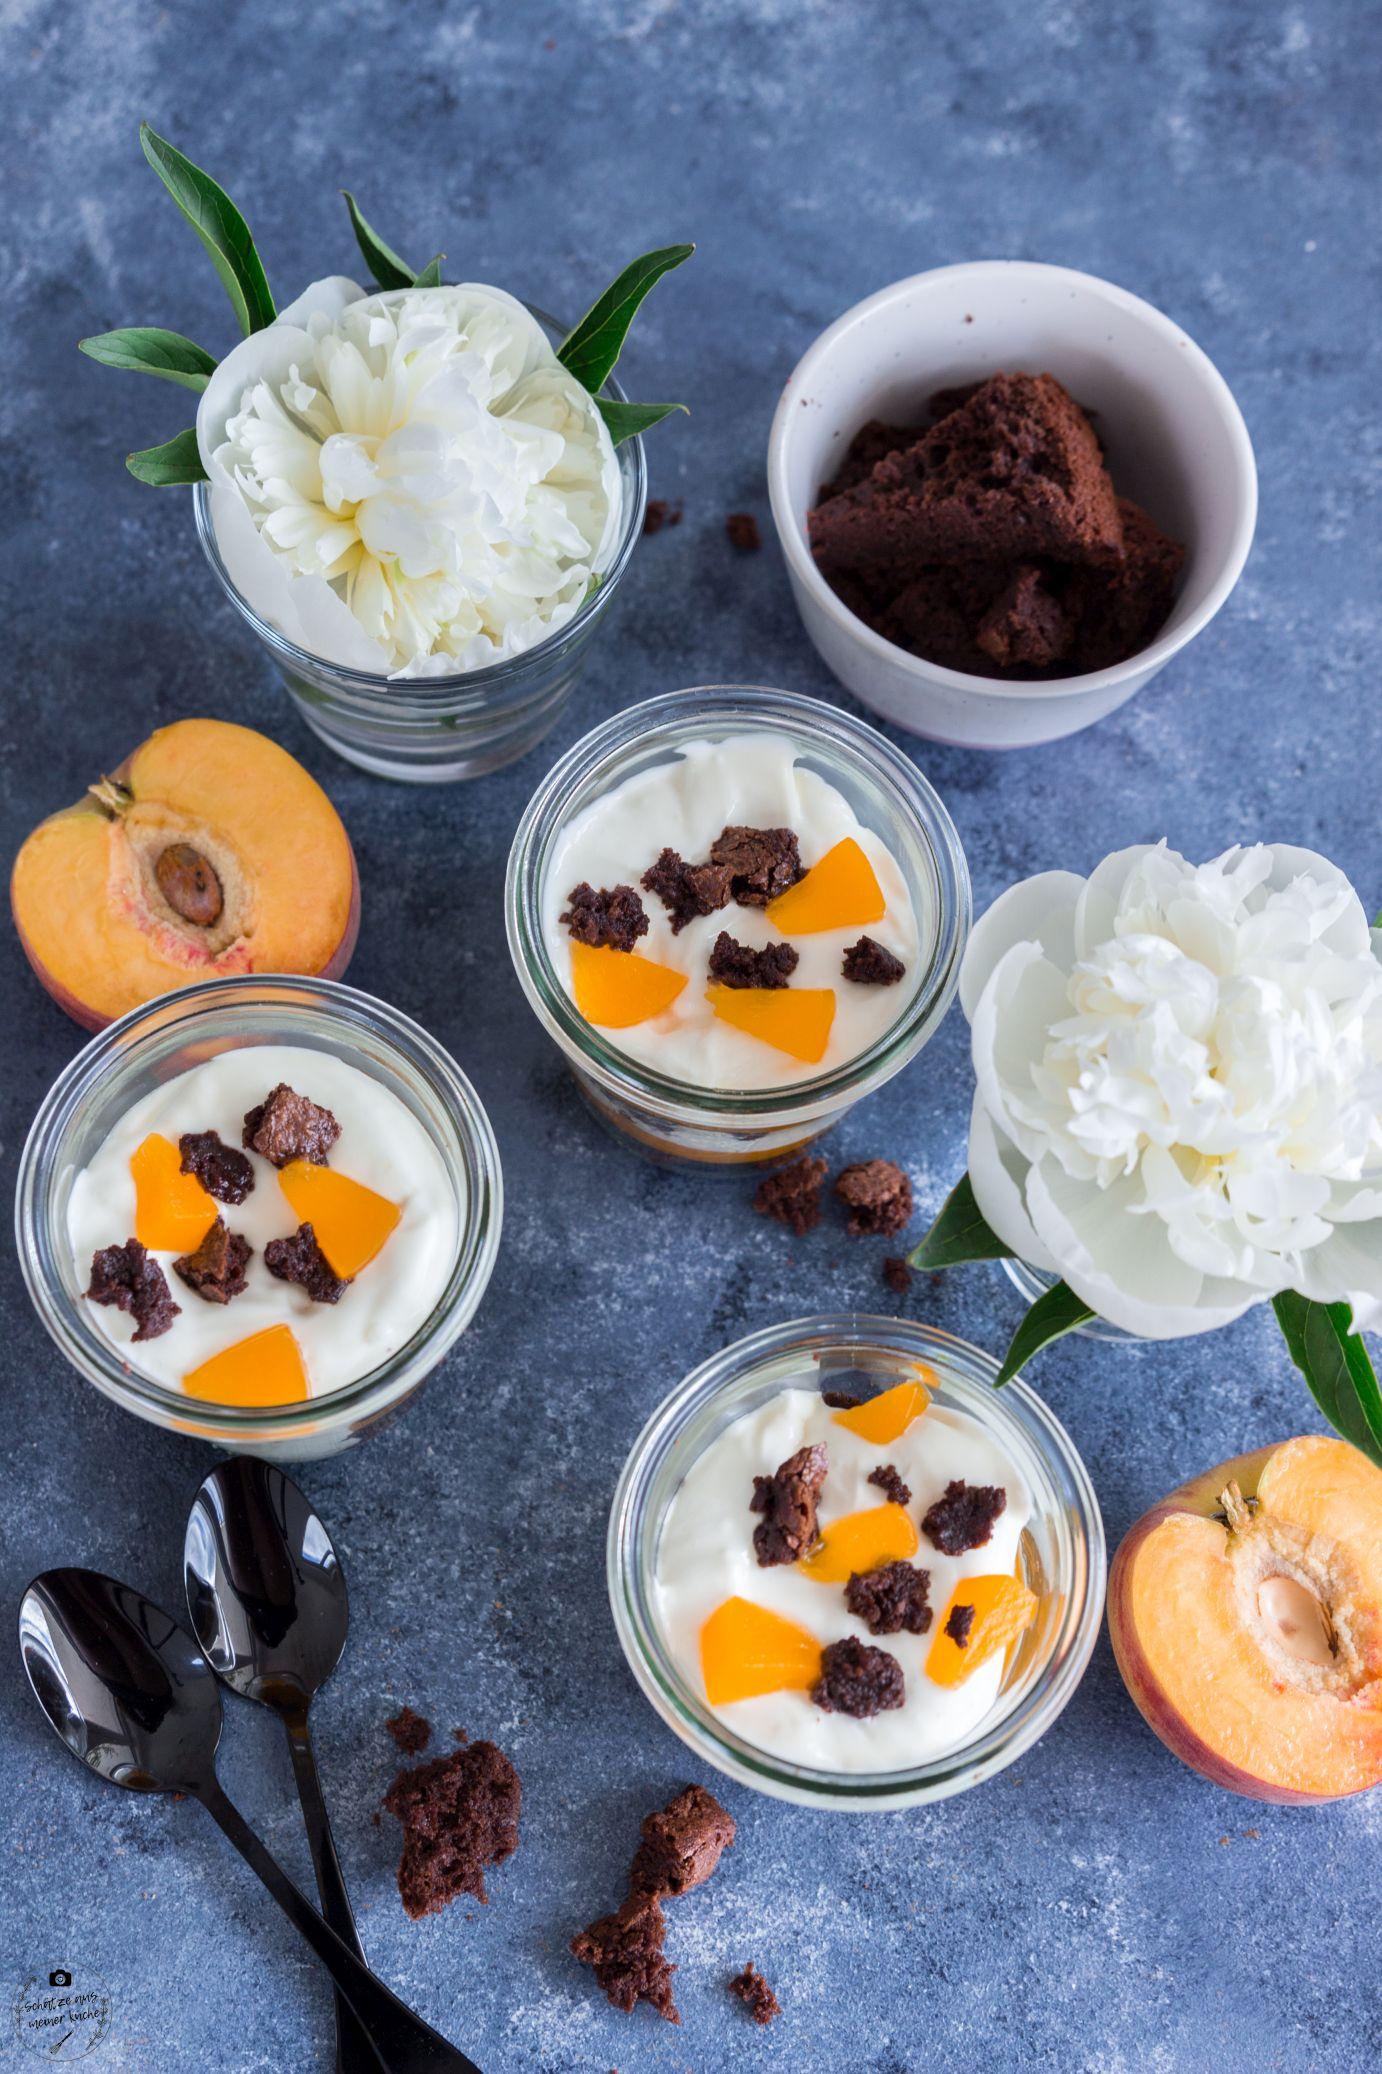 Pfirsich-Brownie-Dessert im Glas